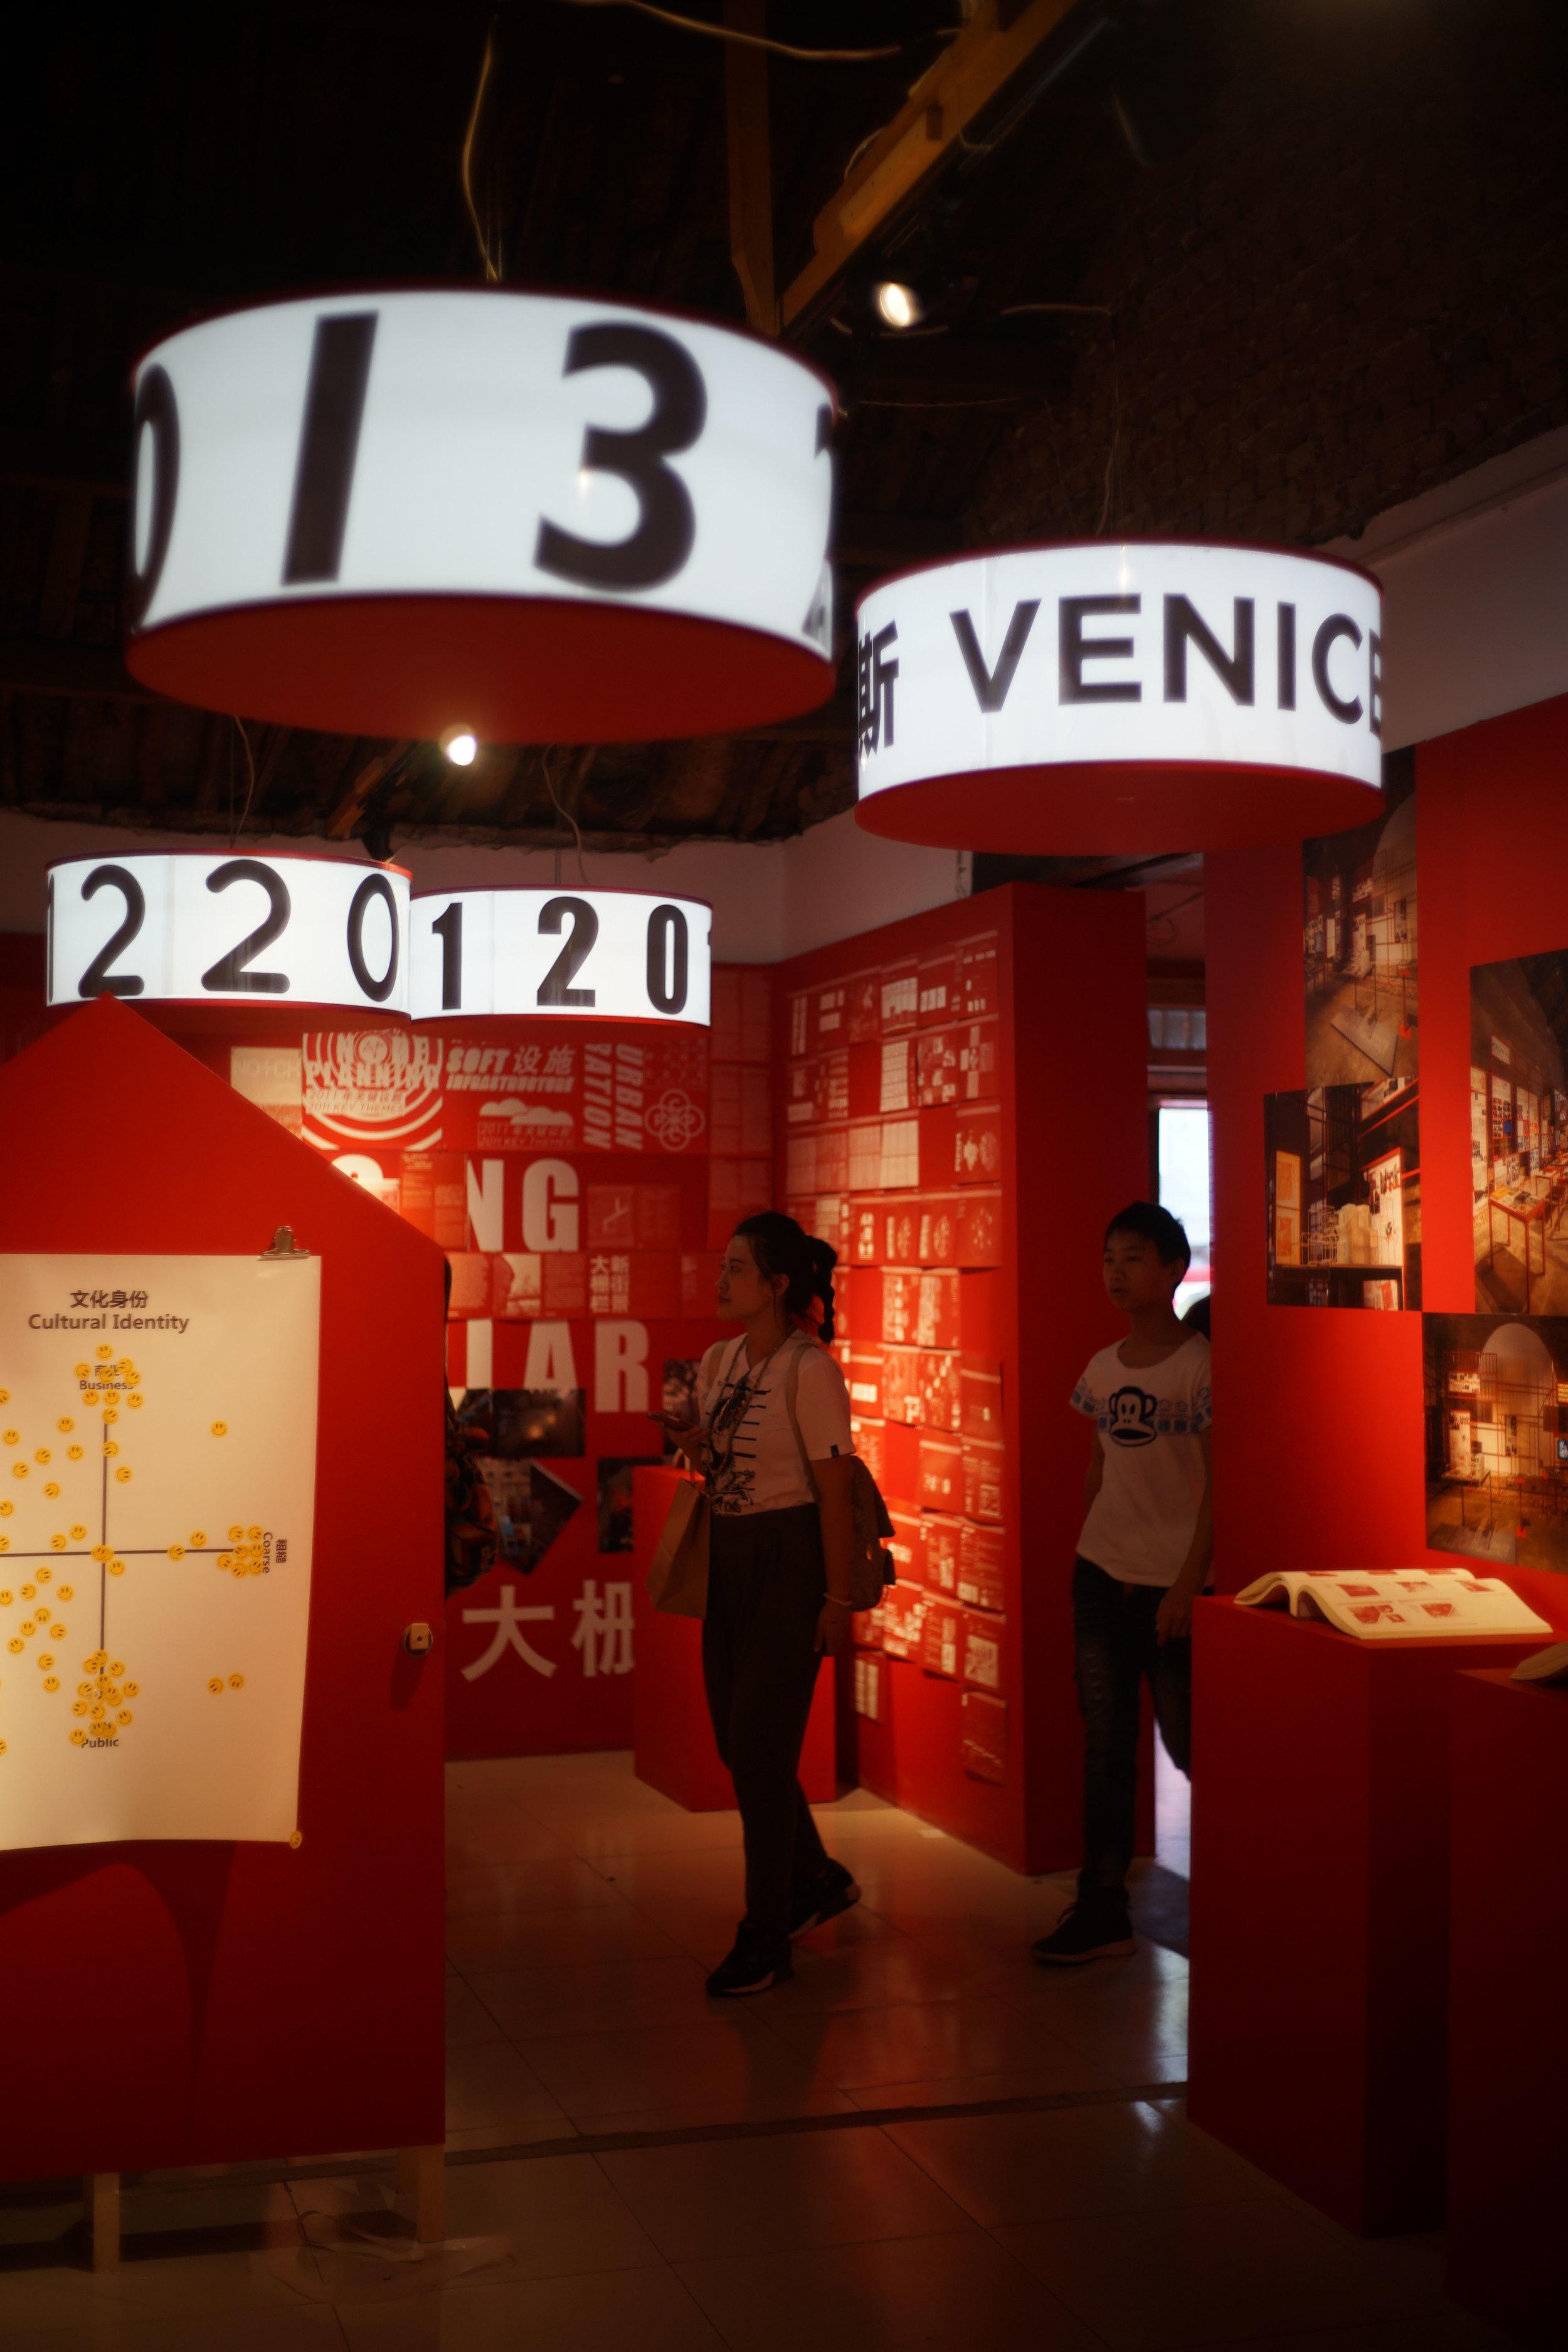 大栅栏更新计划展 - 为 2015 年北京国际设计周大栅栏设计社区主展做的展览设计及内容策划。